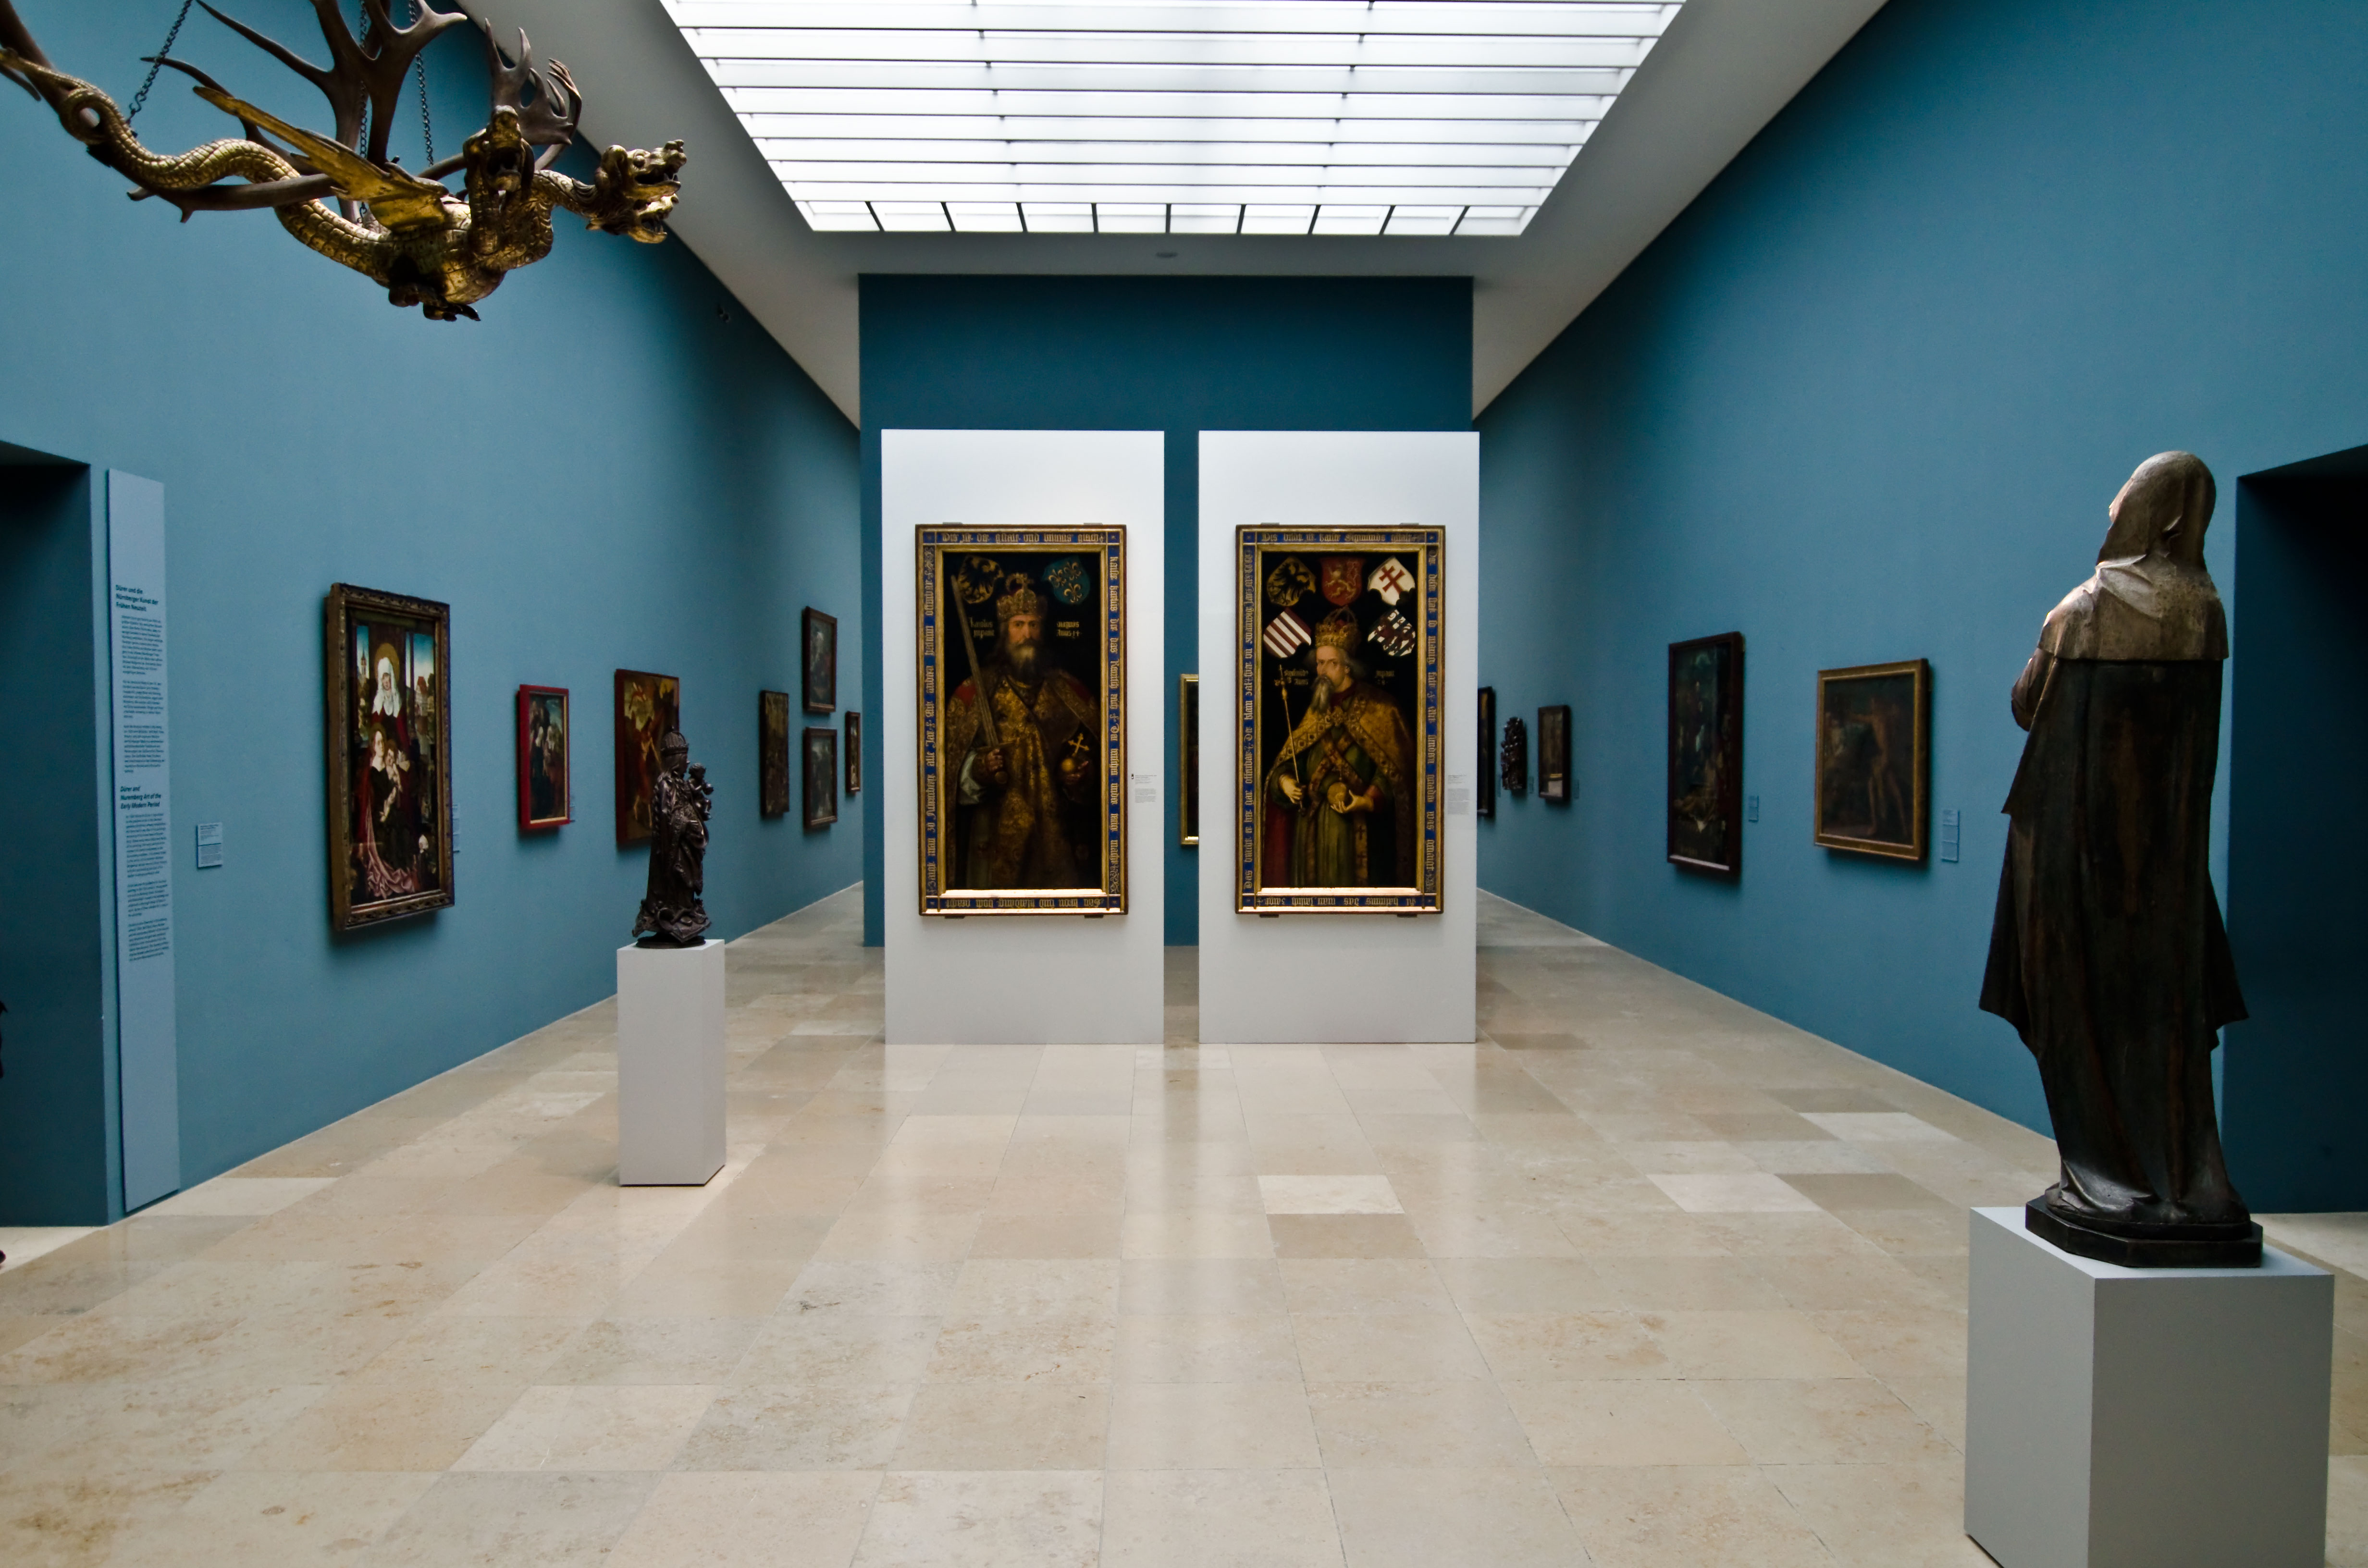 Entdeckt 10 sehenswerte Museen in Mittelfranken!